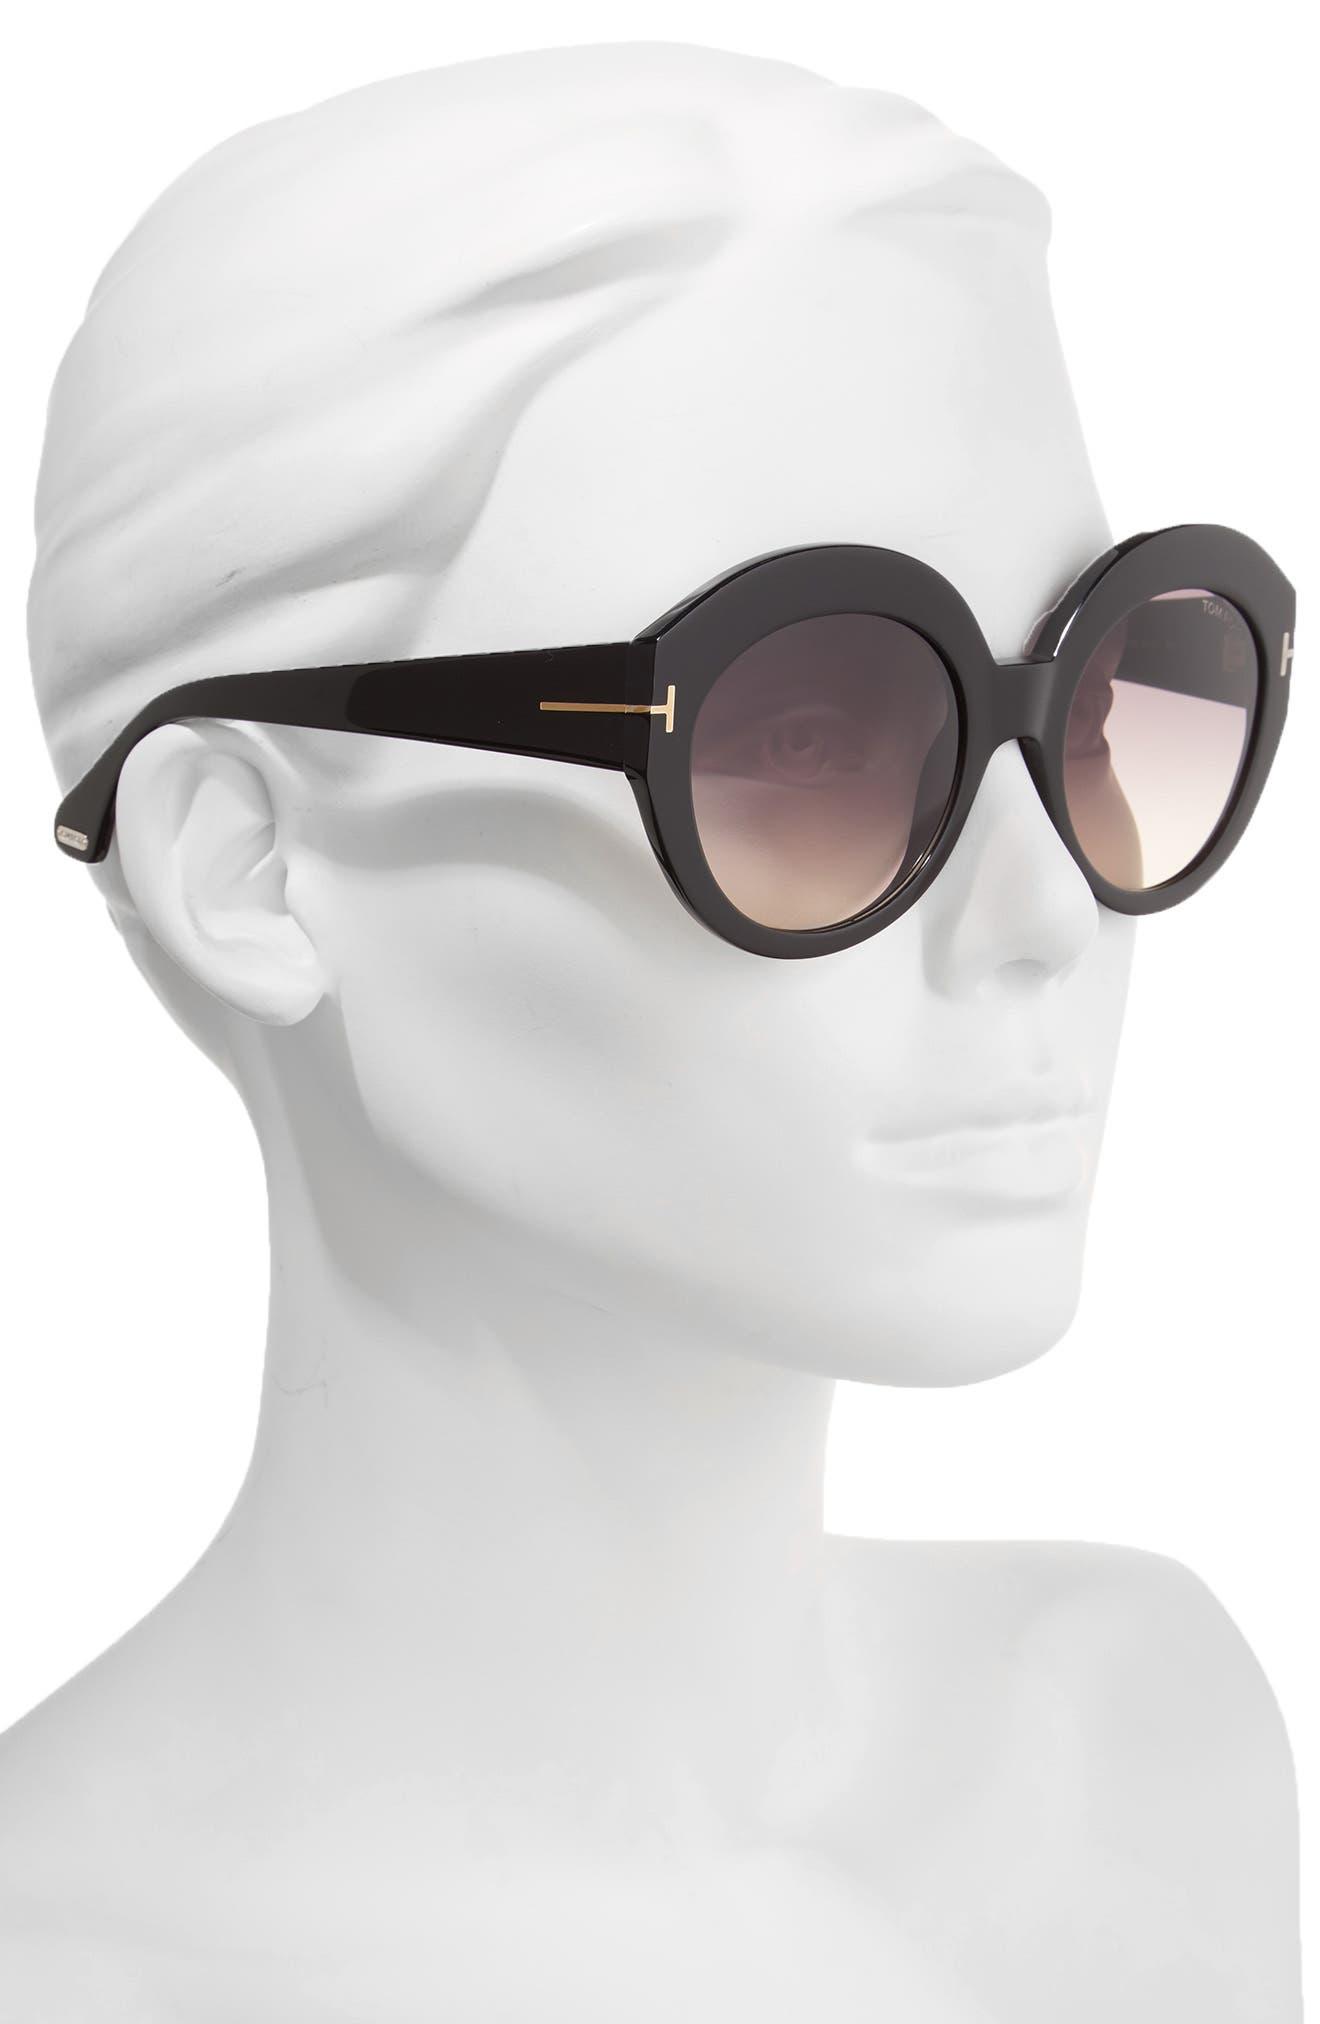 Rachel 54mm Gradient Lens Sunglasses,                             Alternate thumbnail 2, color,                             001